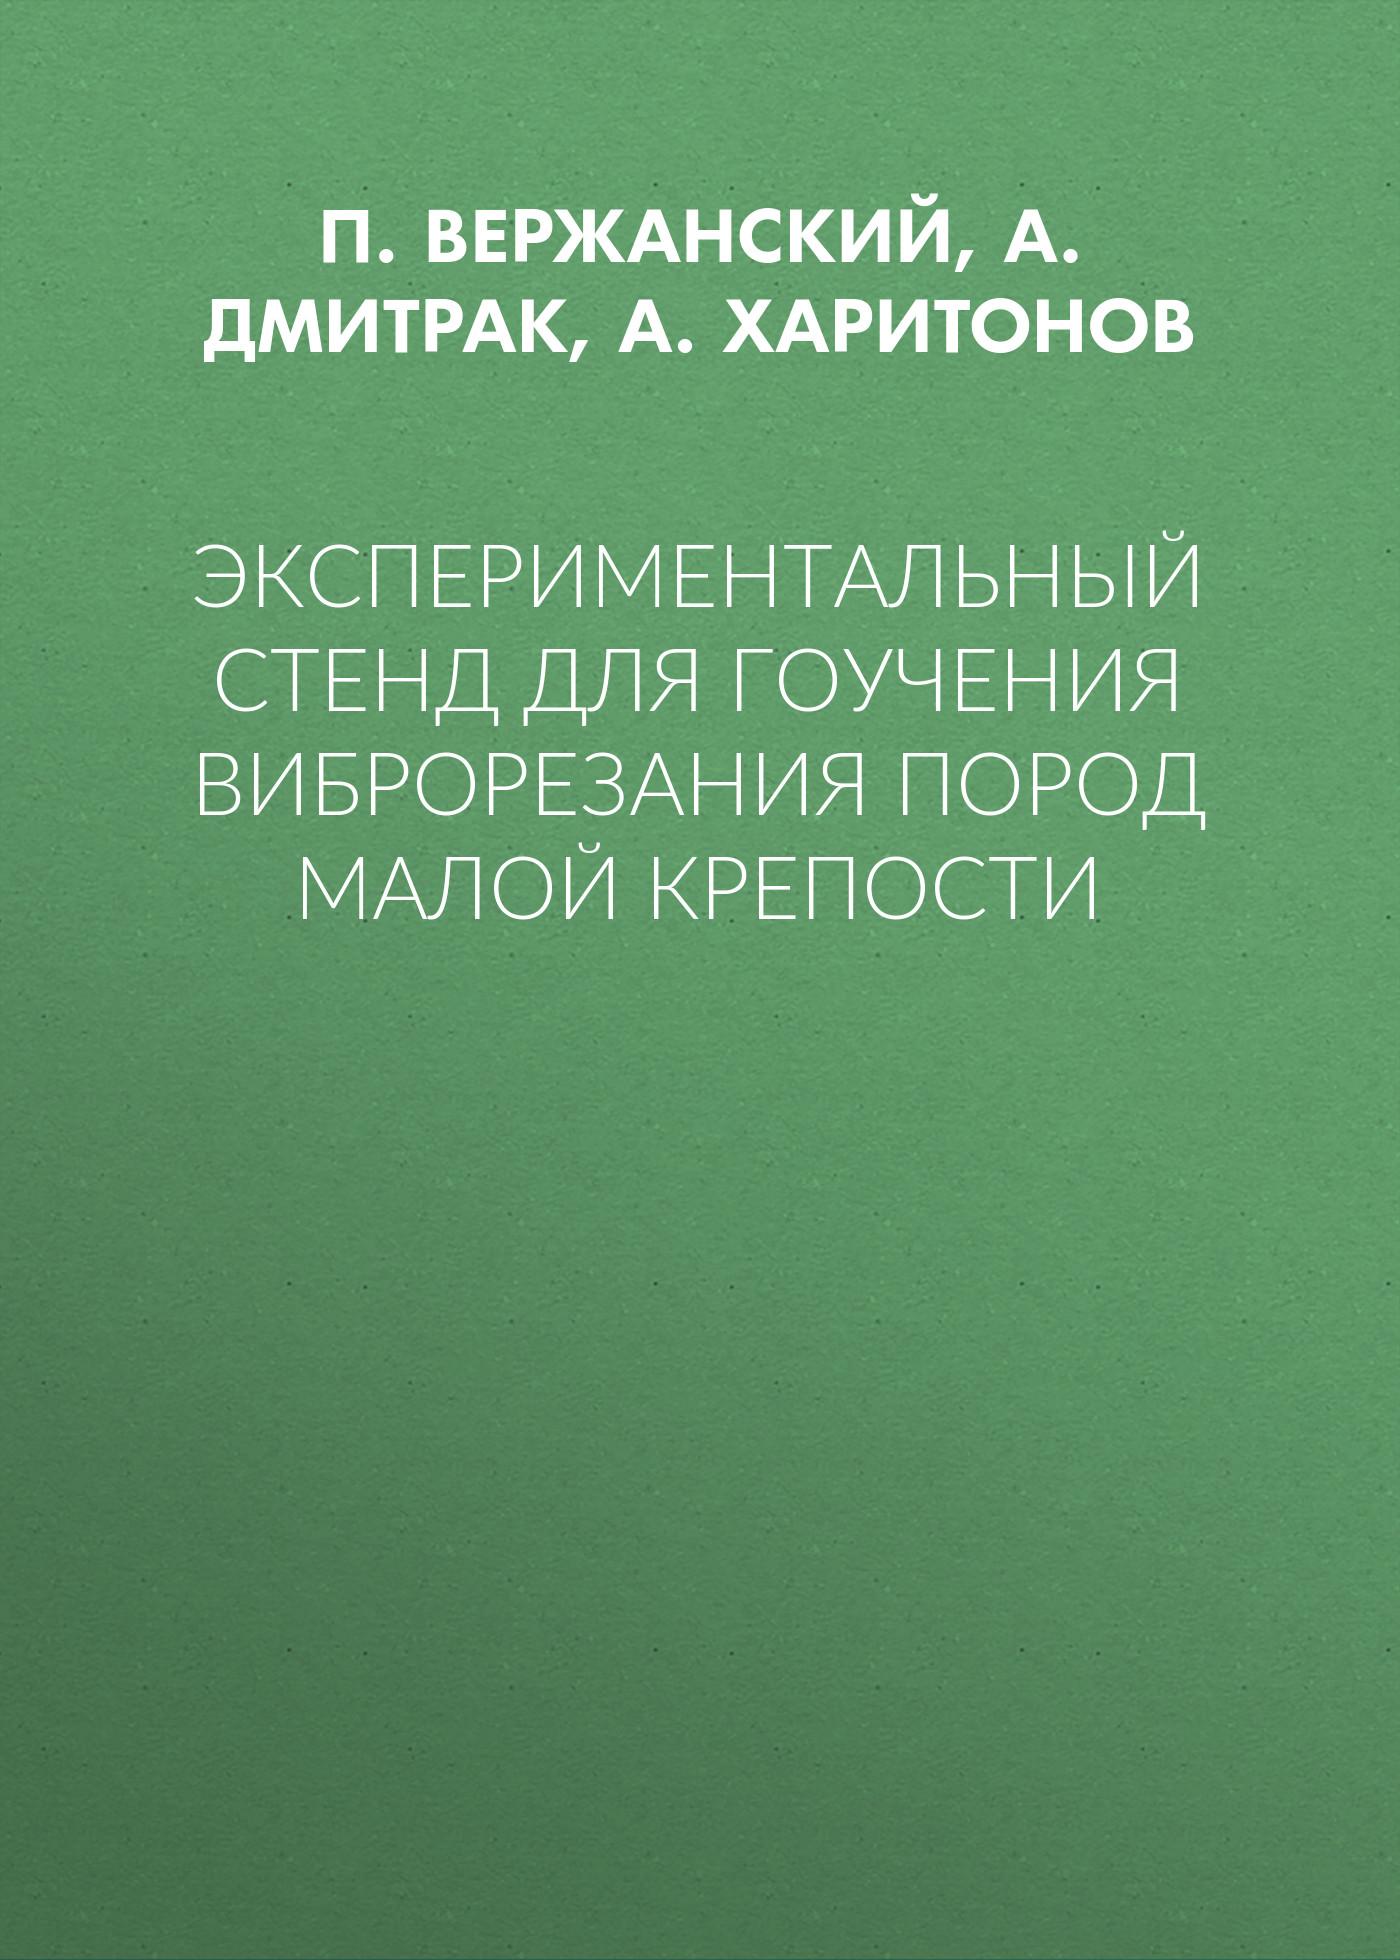 А. Харитонов Экспериментальный стенд для гоучения виброрезания пород малой крепости